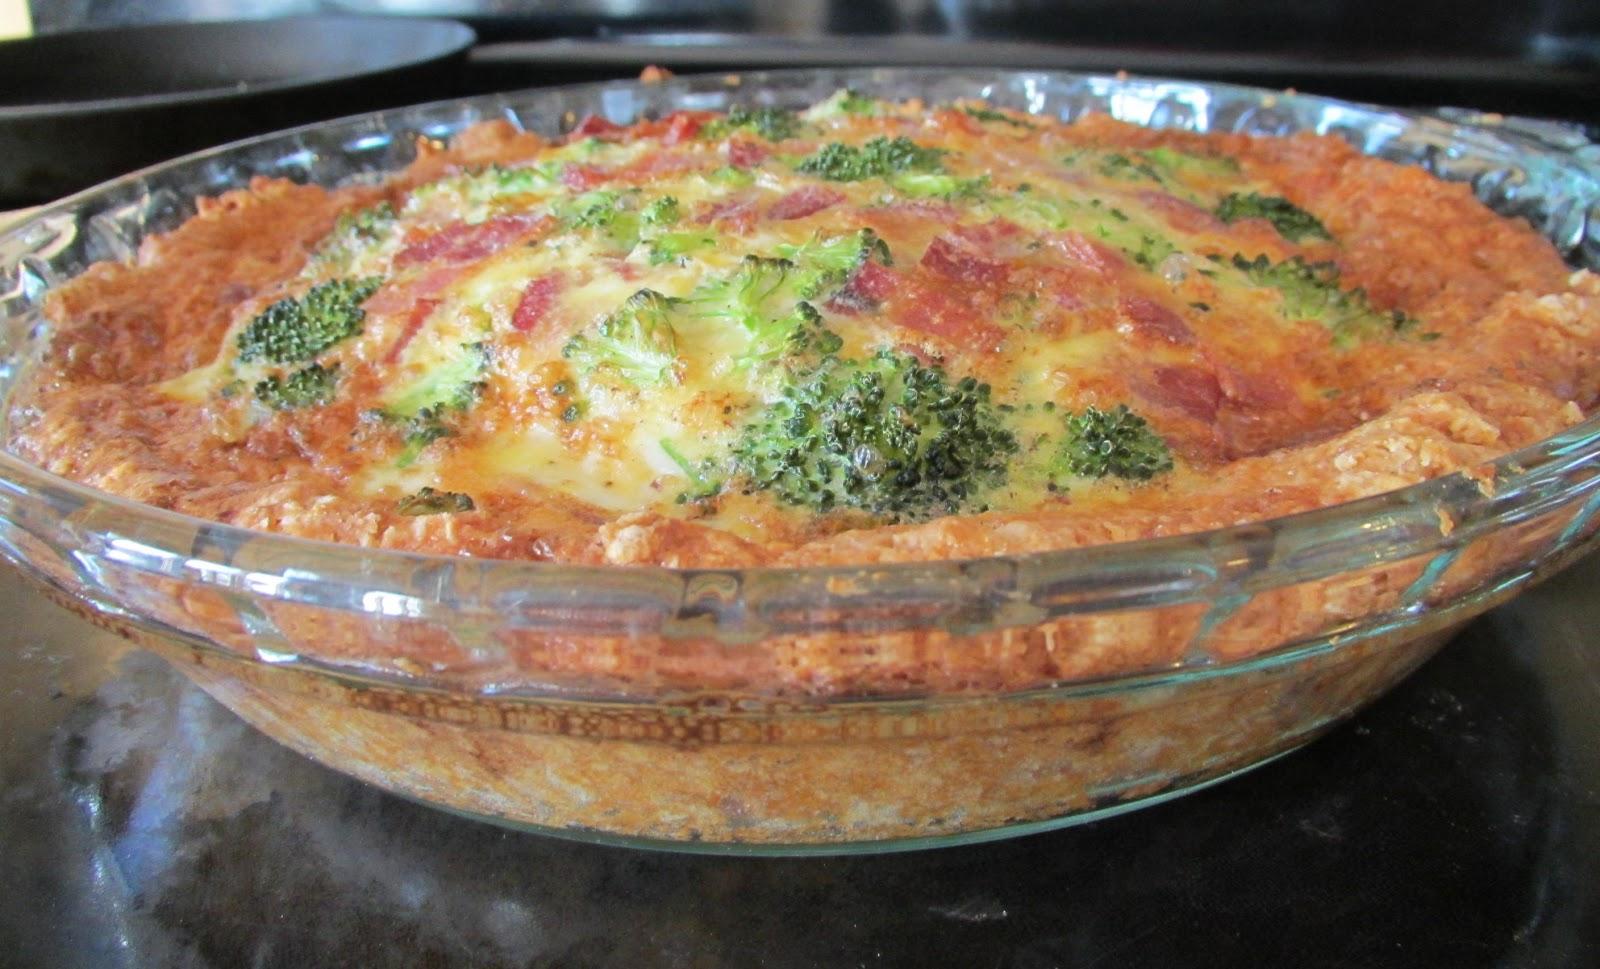 ... Free! : Delicious Broccoli & Bacon Quiche w/ Buttermilk Biscuit Crust